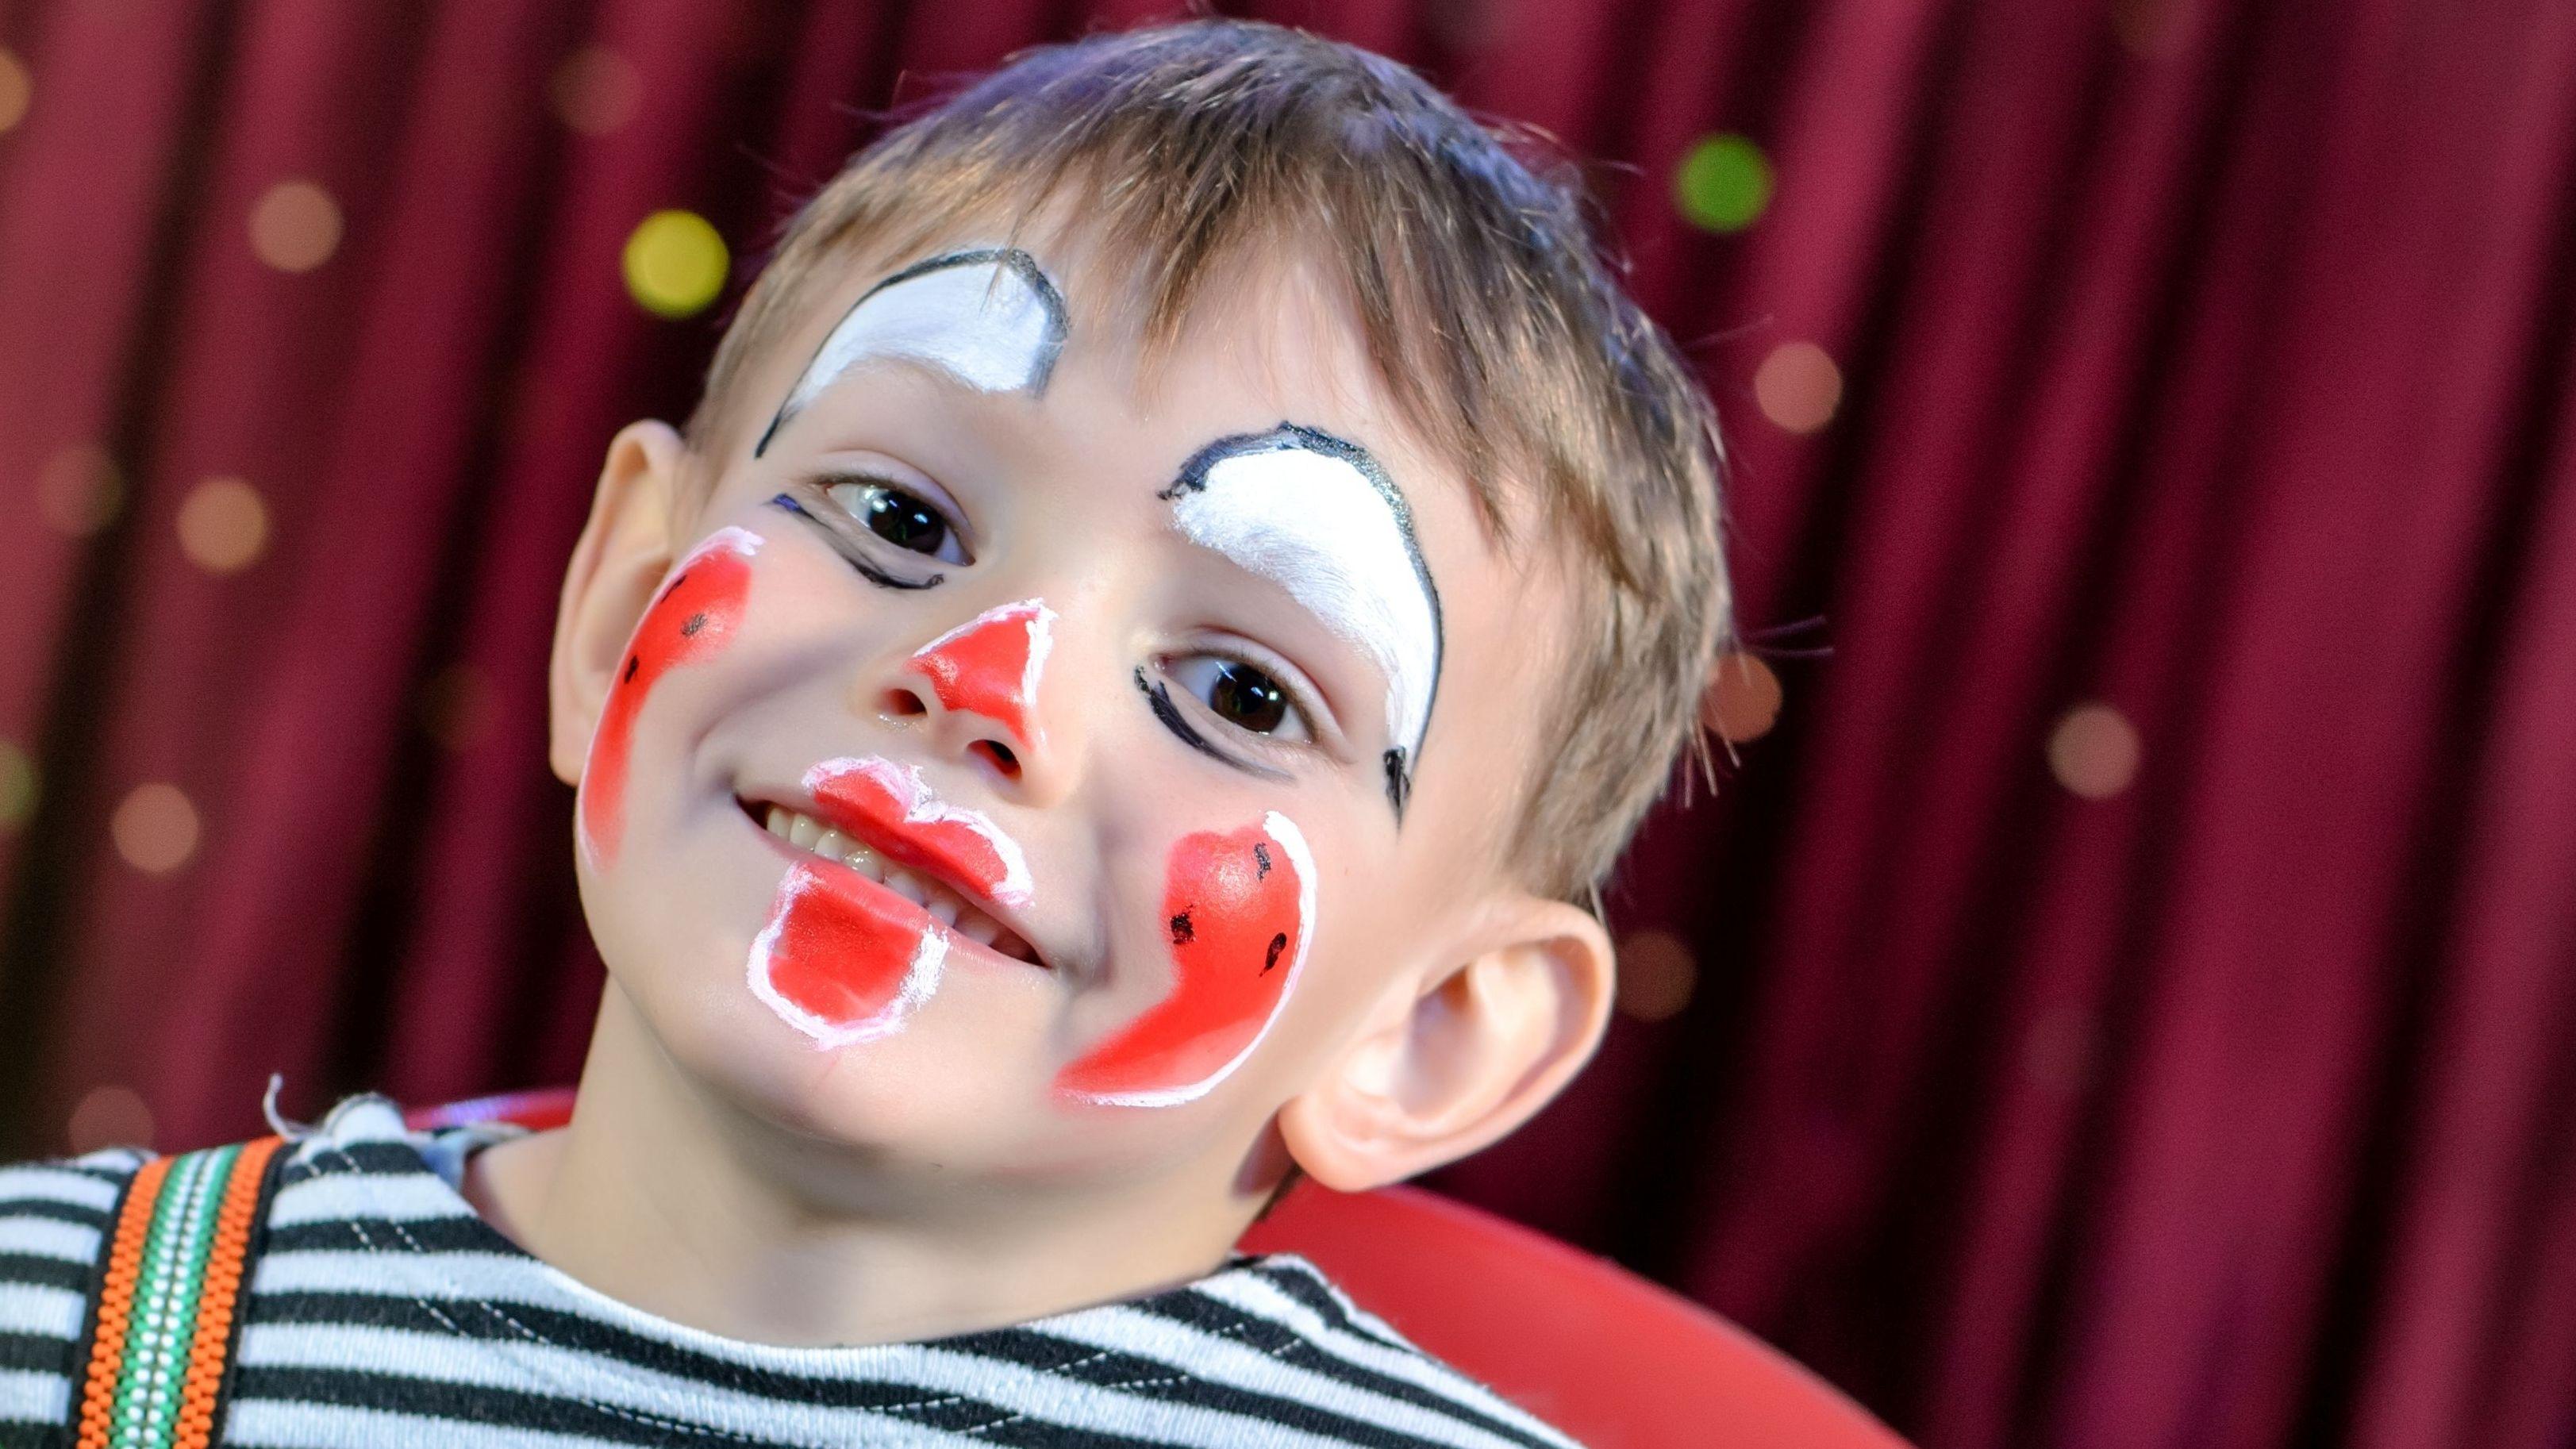 Als Clown geschminkter Junge